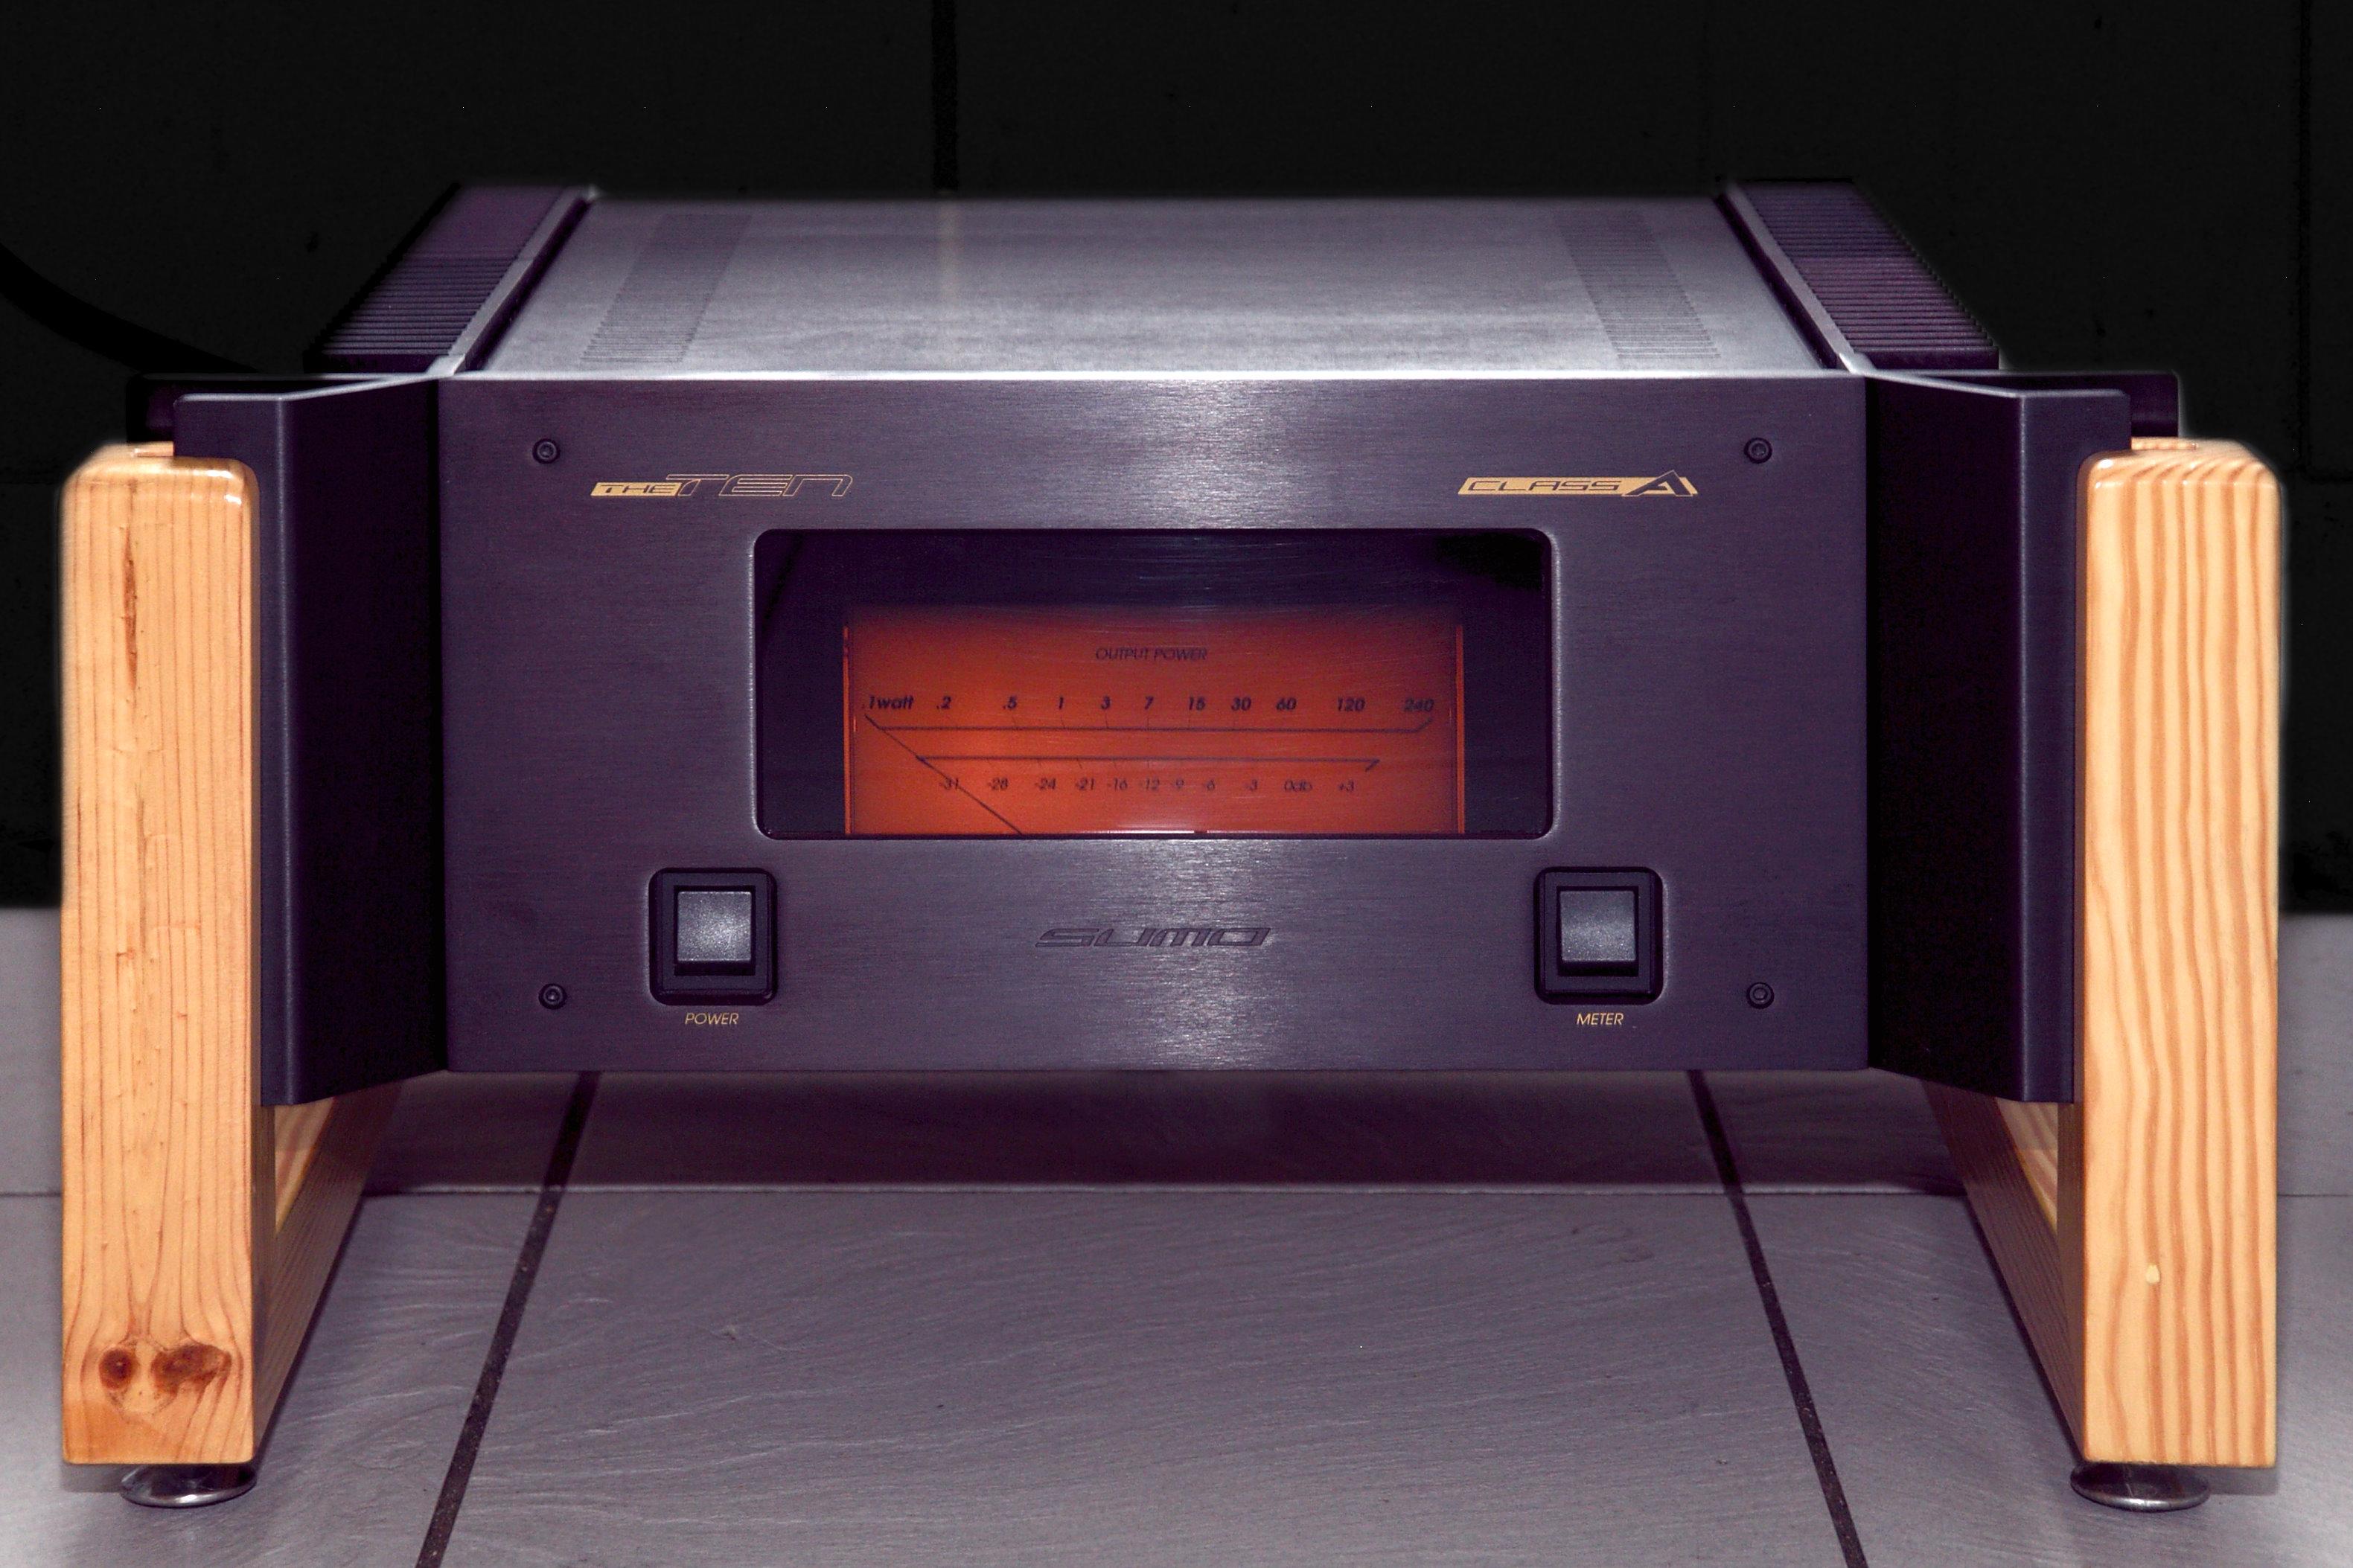 ¿Qué aparato/s vintage os gustaría tener? - Página 3 6038982654_b42a28d25b_o